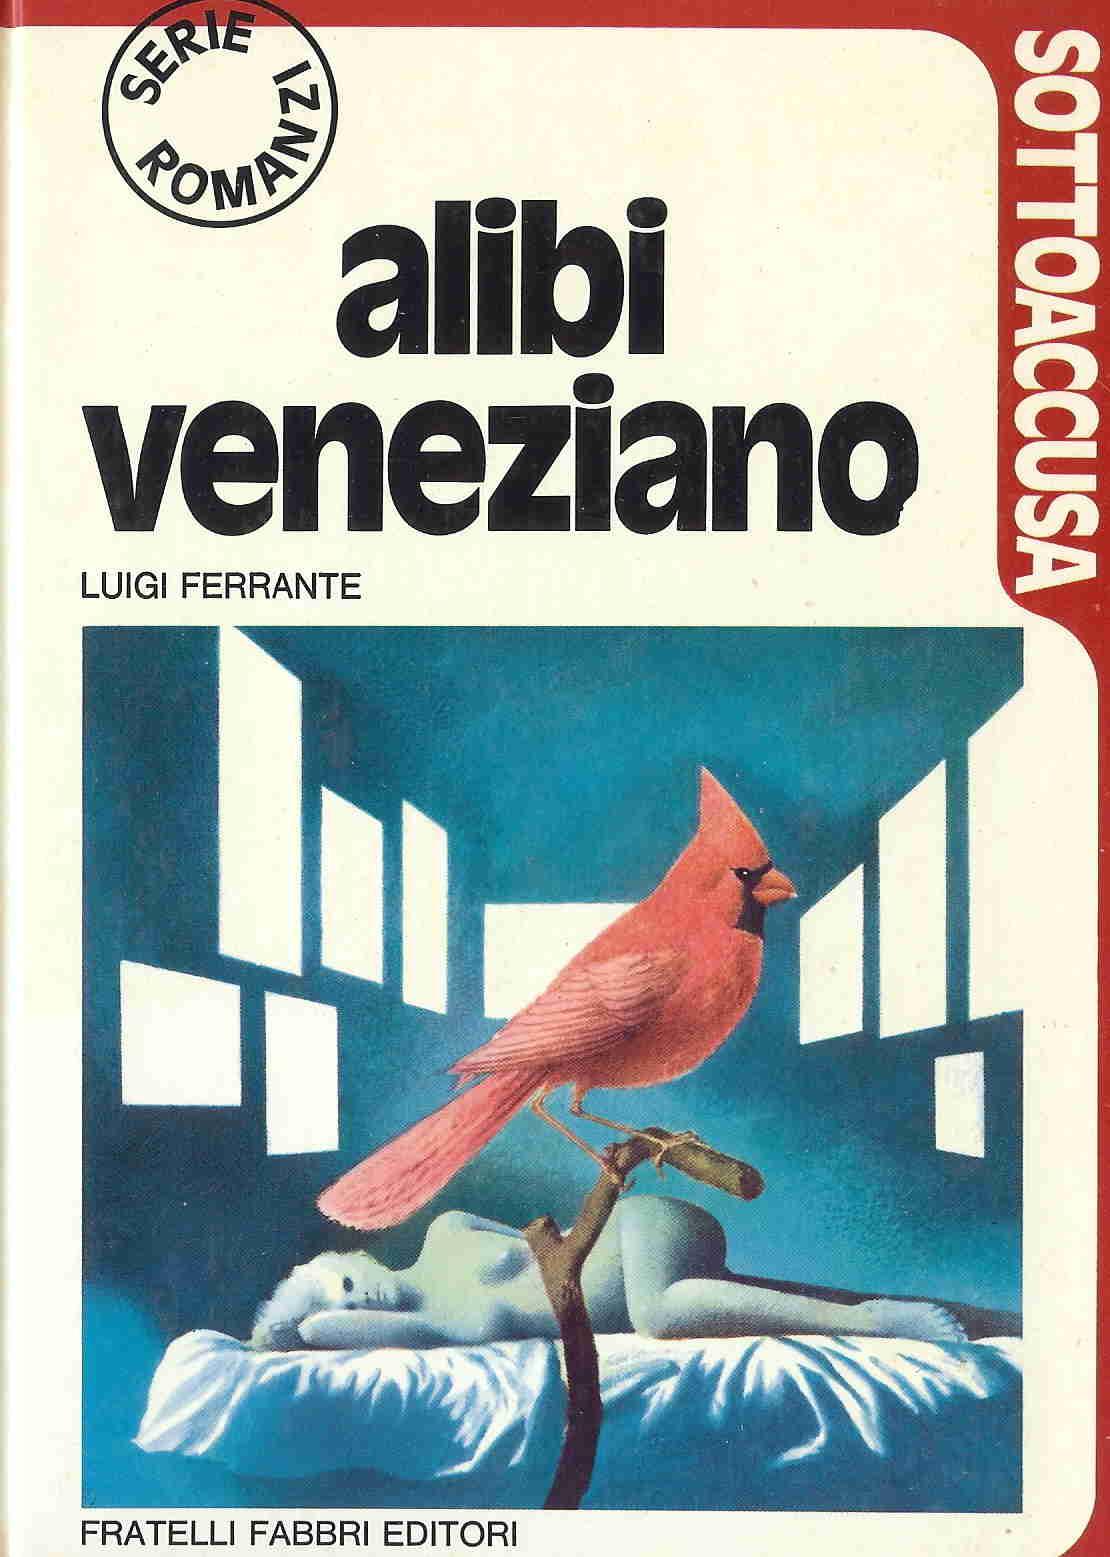 Alibi veneziano